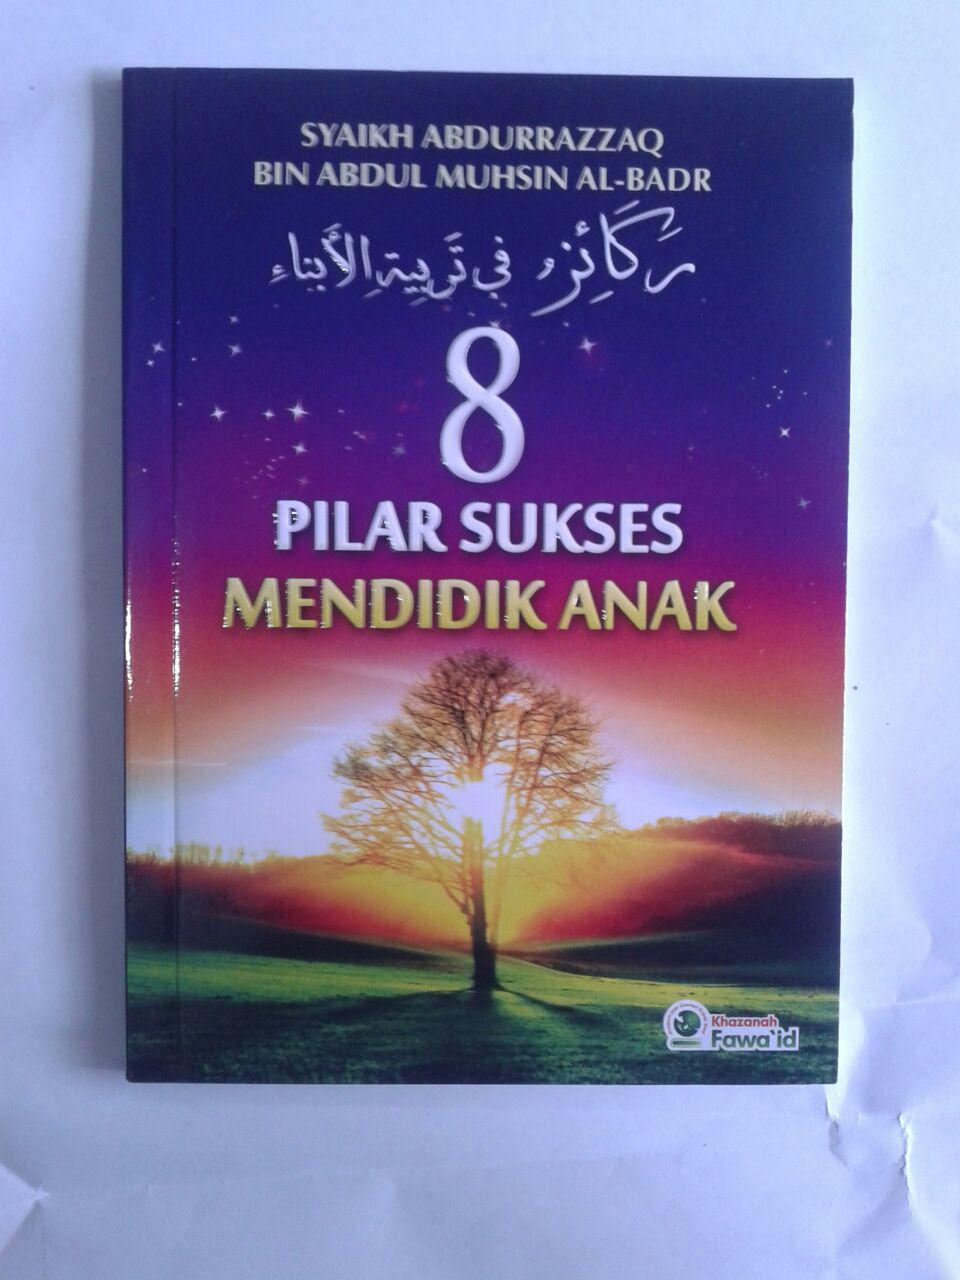 Buku 8 Pilar Sukses Mendidik Anak cover 2